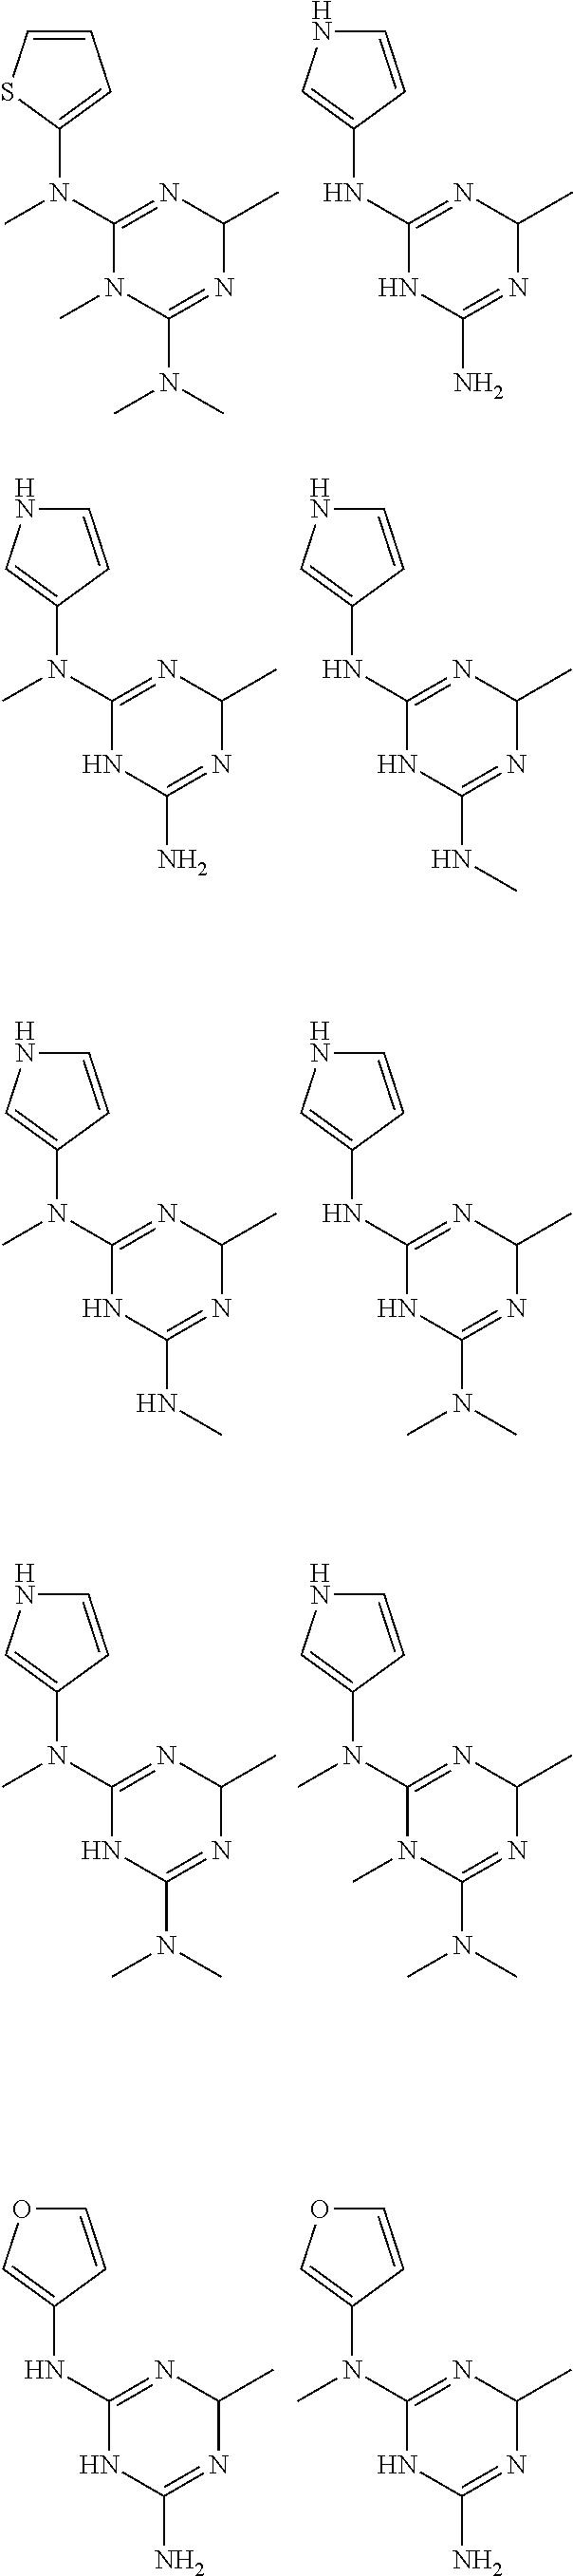 Figure US09480663-20161101-C00186